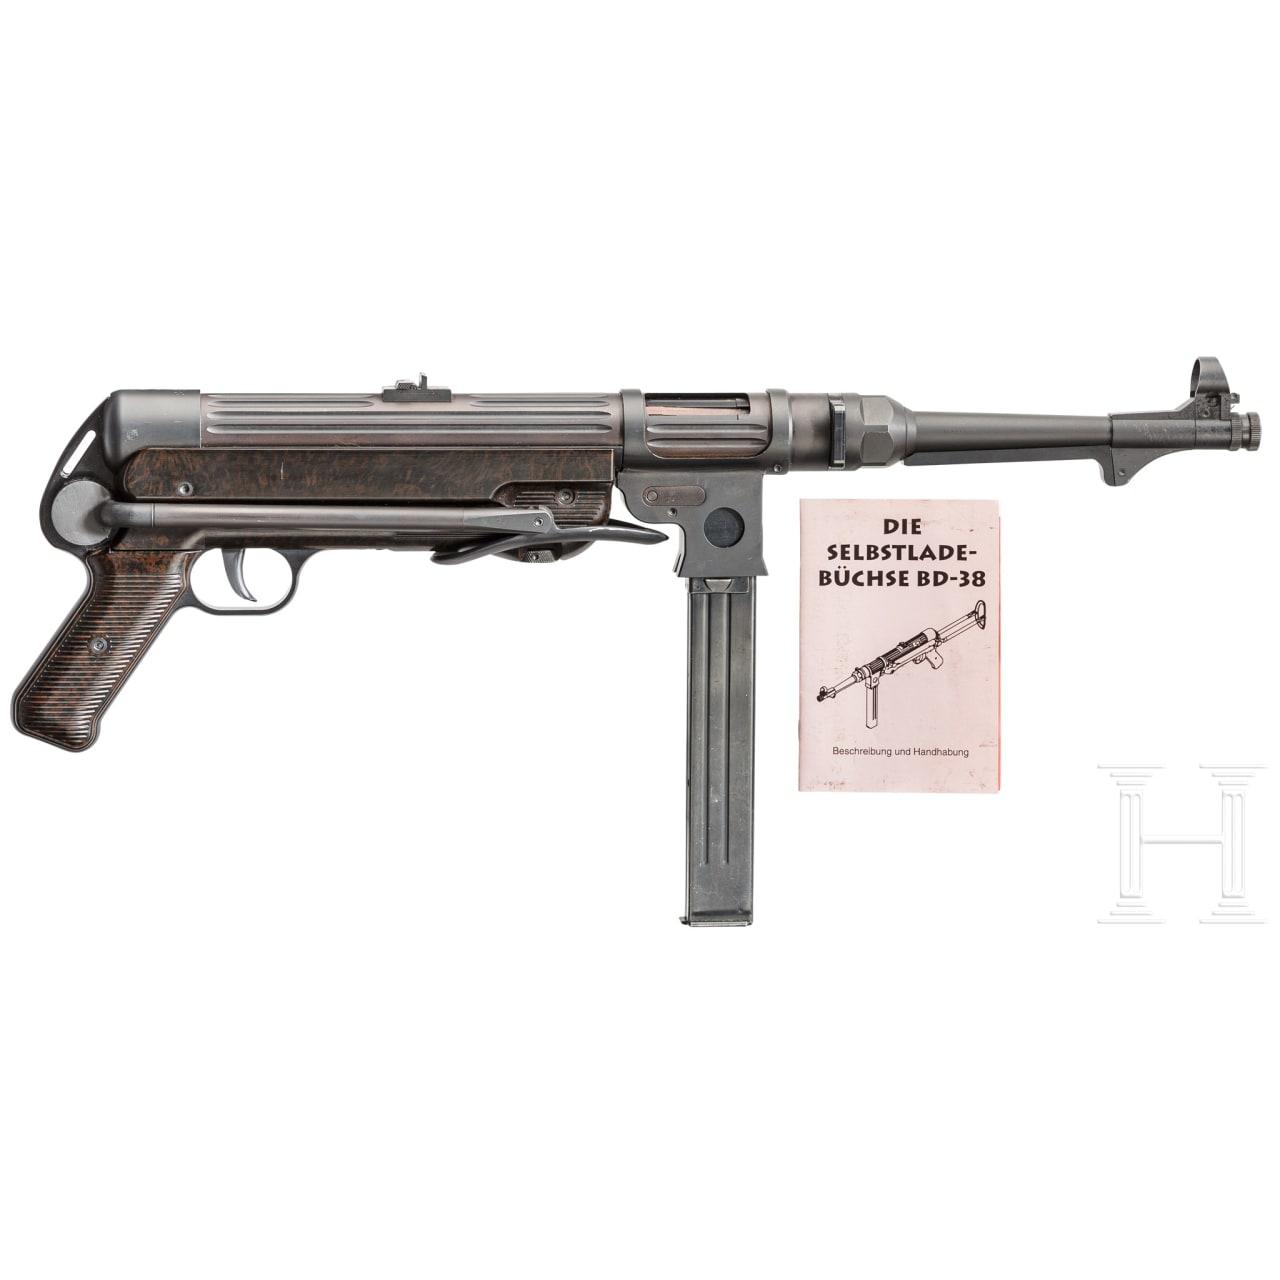 Maschinenpistole Mod. 38, Erma (Dittrich BD 38)